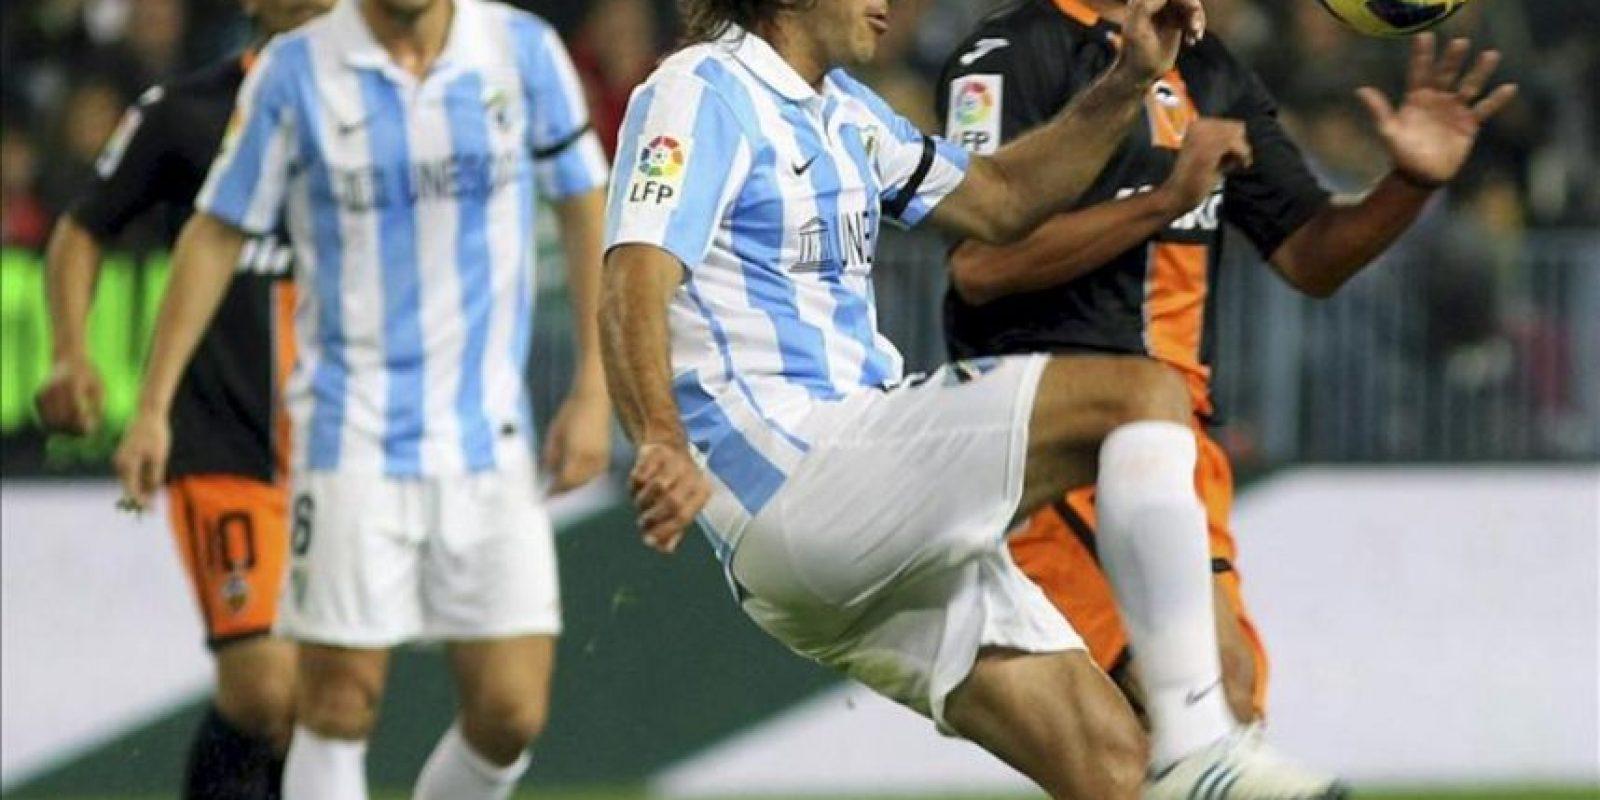 El defensa argentino del Málaga Martin Gastón Demichelis (c) controla el balón ante el delantero paraguayo del Valencia Nelson Haedo Valdez (d), en el partido de la decimotercera jornada de la Liga de Primera División en el estadio de La Rosaleda. EFE